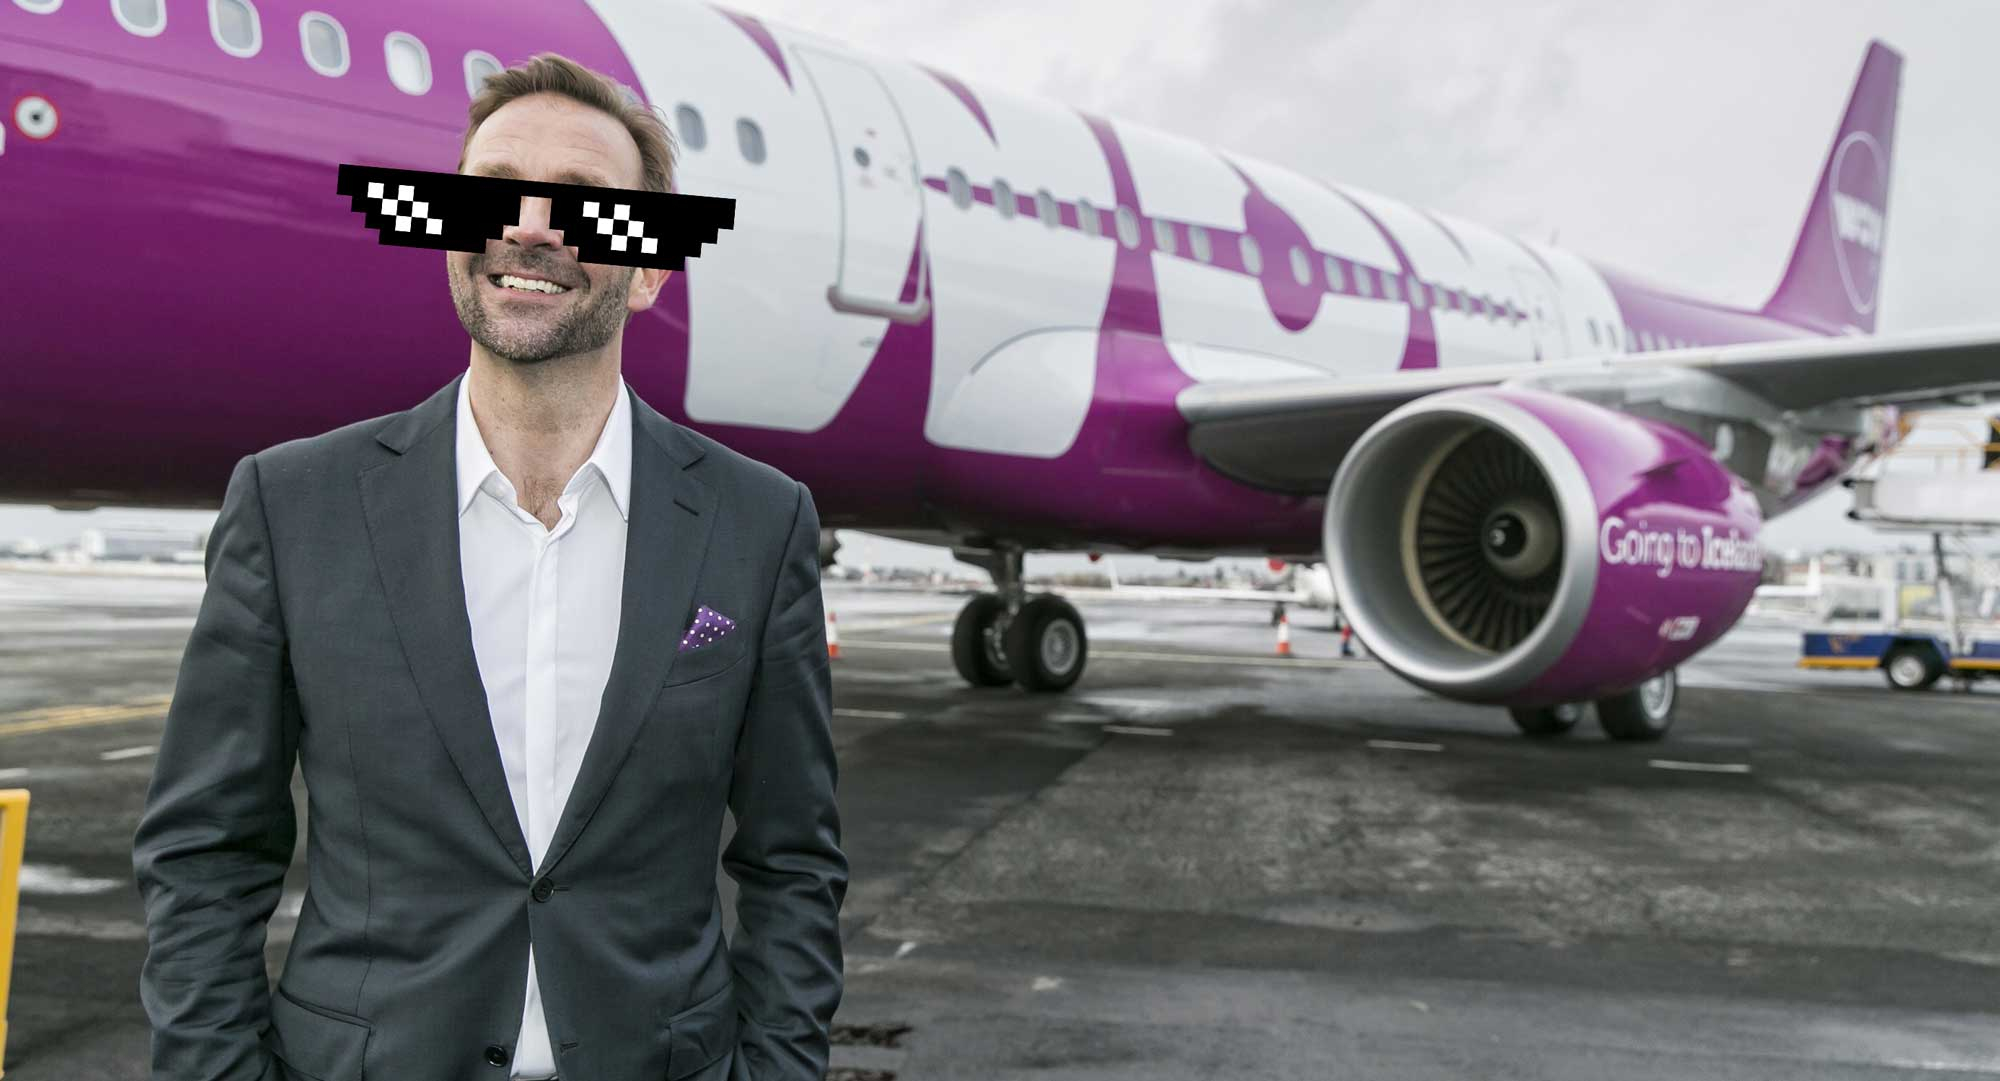 Ískaldur Skúli Mogensen skýtur föstum skotum á Icelandair aftur og aftur og aftur